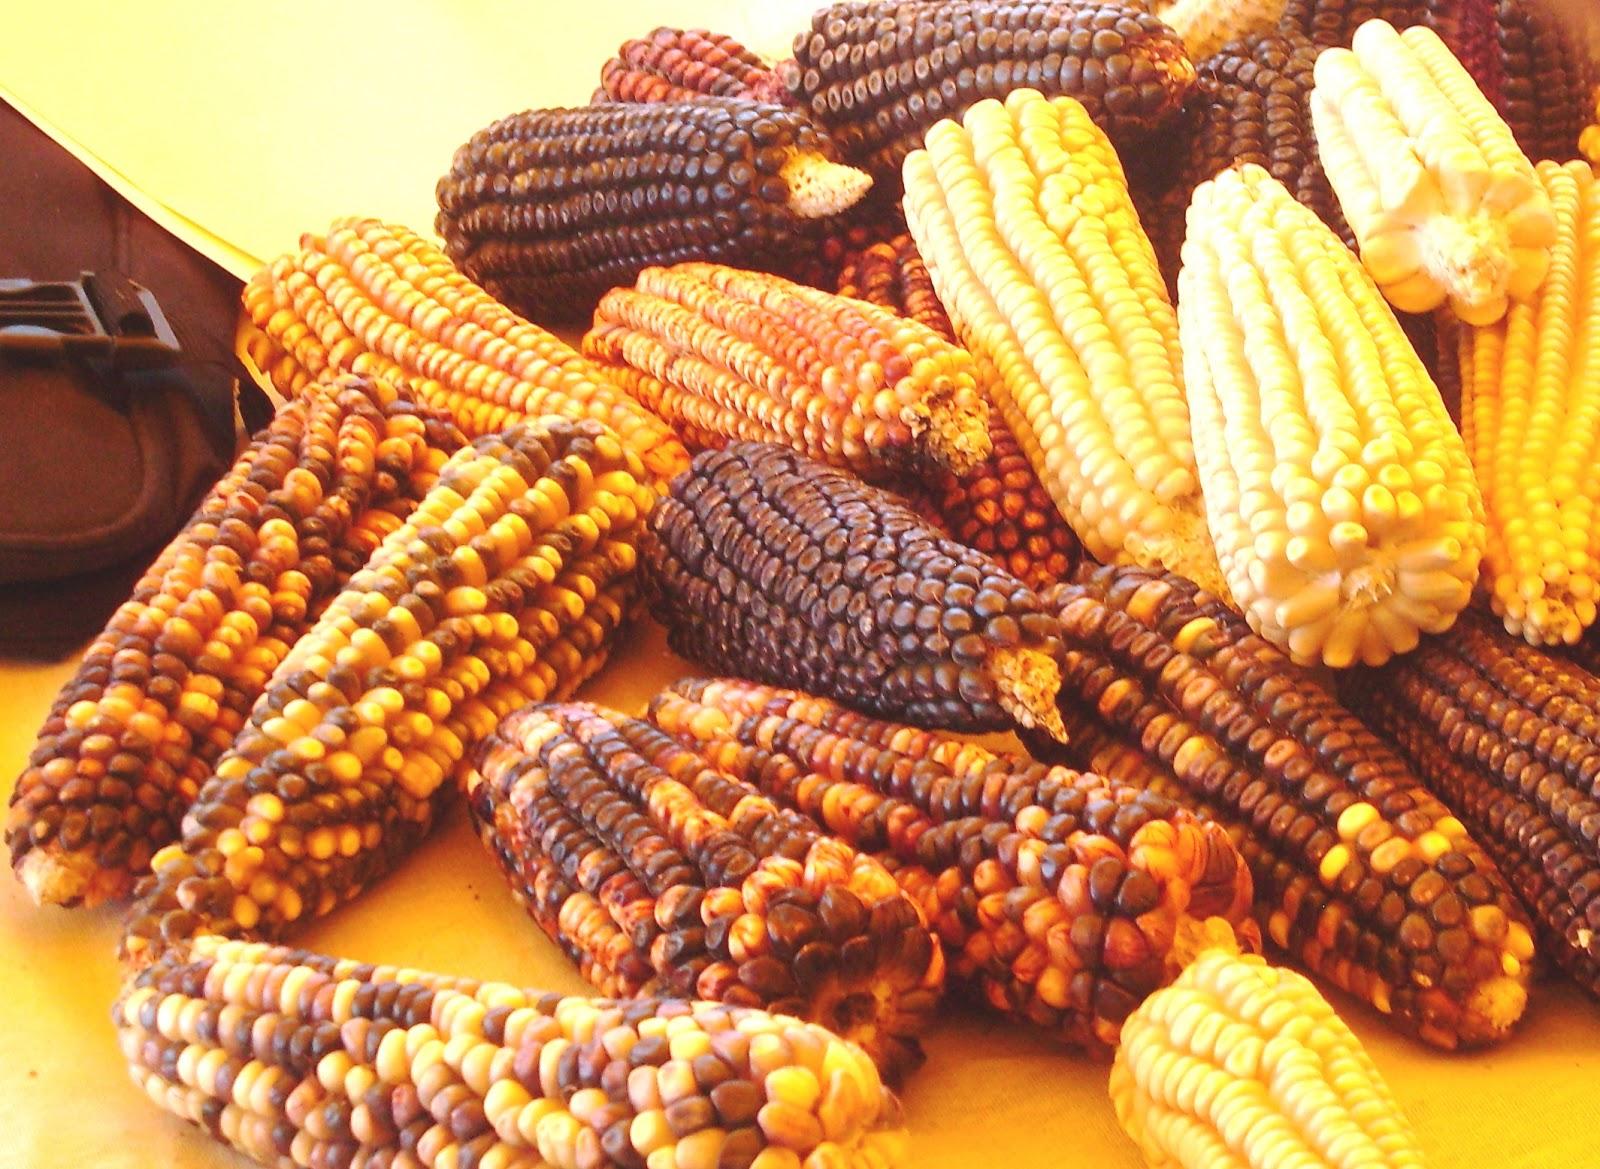 CON AMPLIA gama de variedades de maíz cuenta nuestro país.